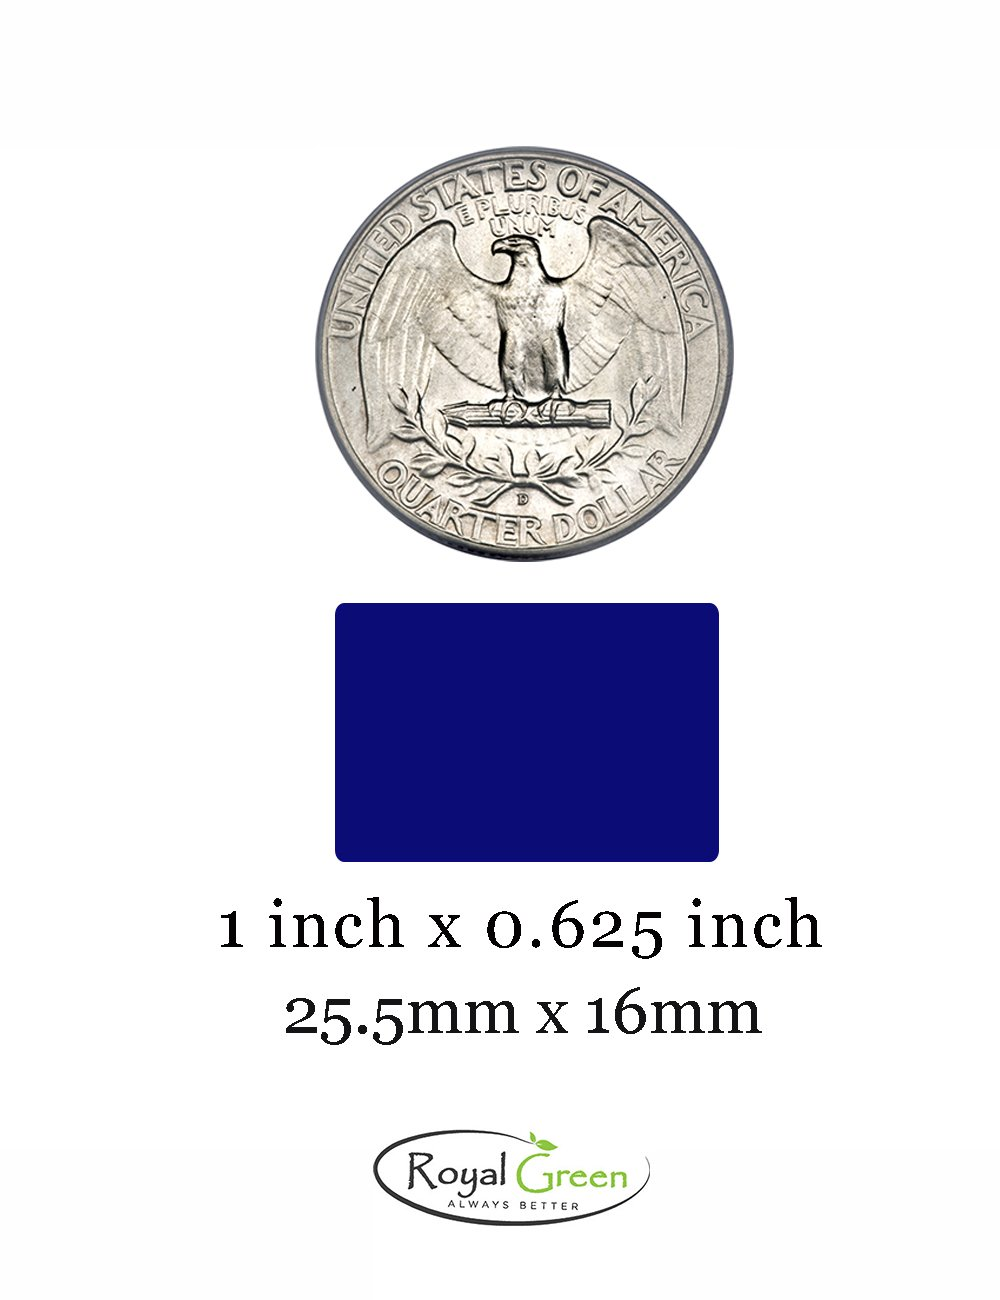 Confezione da 1080 Pezzi Royal Green Bollini Adesivi Arancioni da 13 mm in Rotolo Etichette Adesive Colorate Rotonde Scrivibili Multiuso 1,3 cm